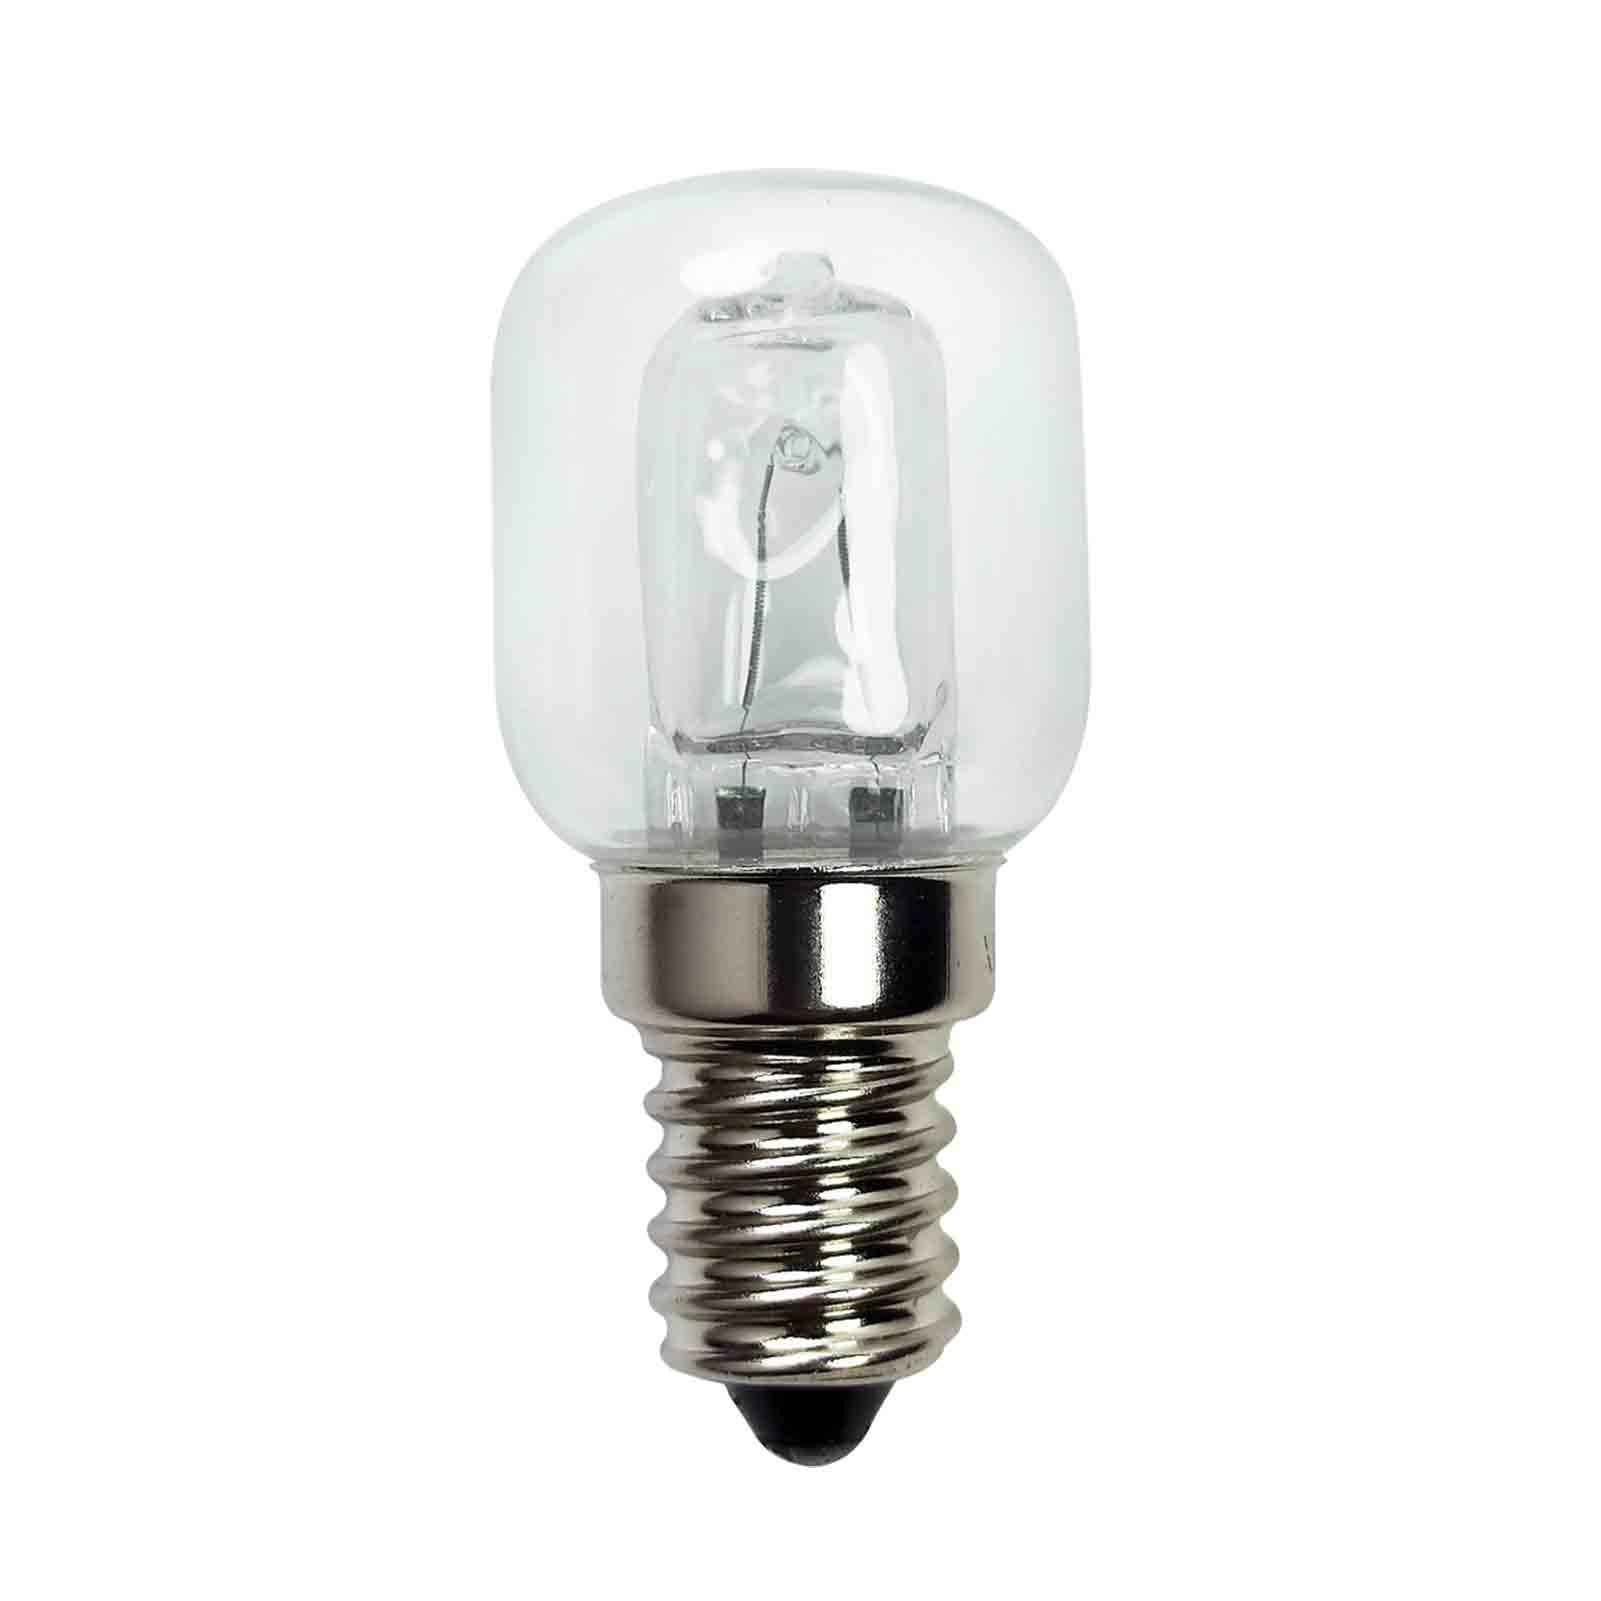 lampada de microondas resistente de alta temperatura do grau do bulbo 25w 2750k e14